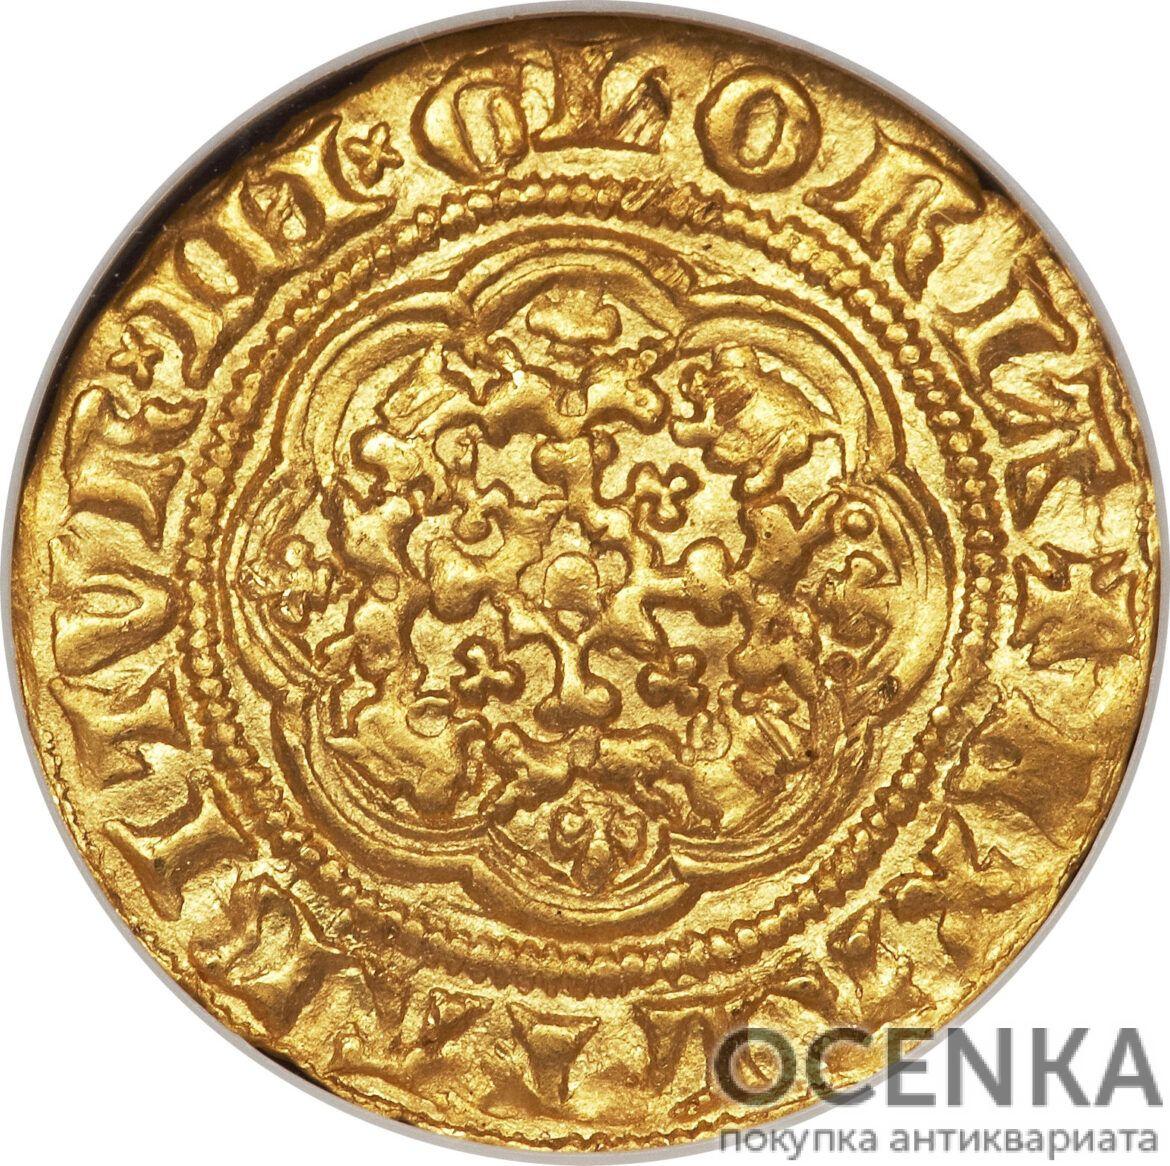 Золотая монета ¼ Noble (1/4 нобля) Великобритания - 1